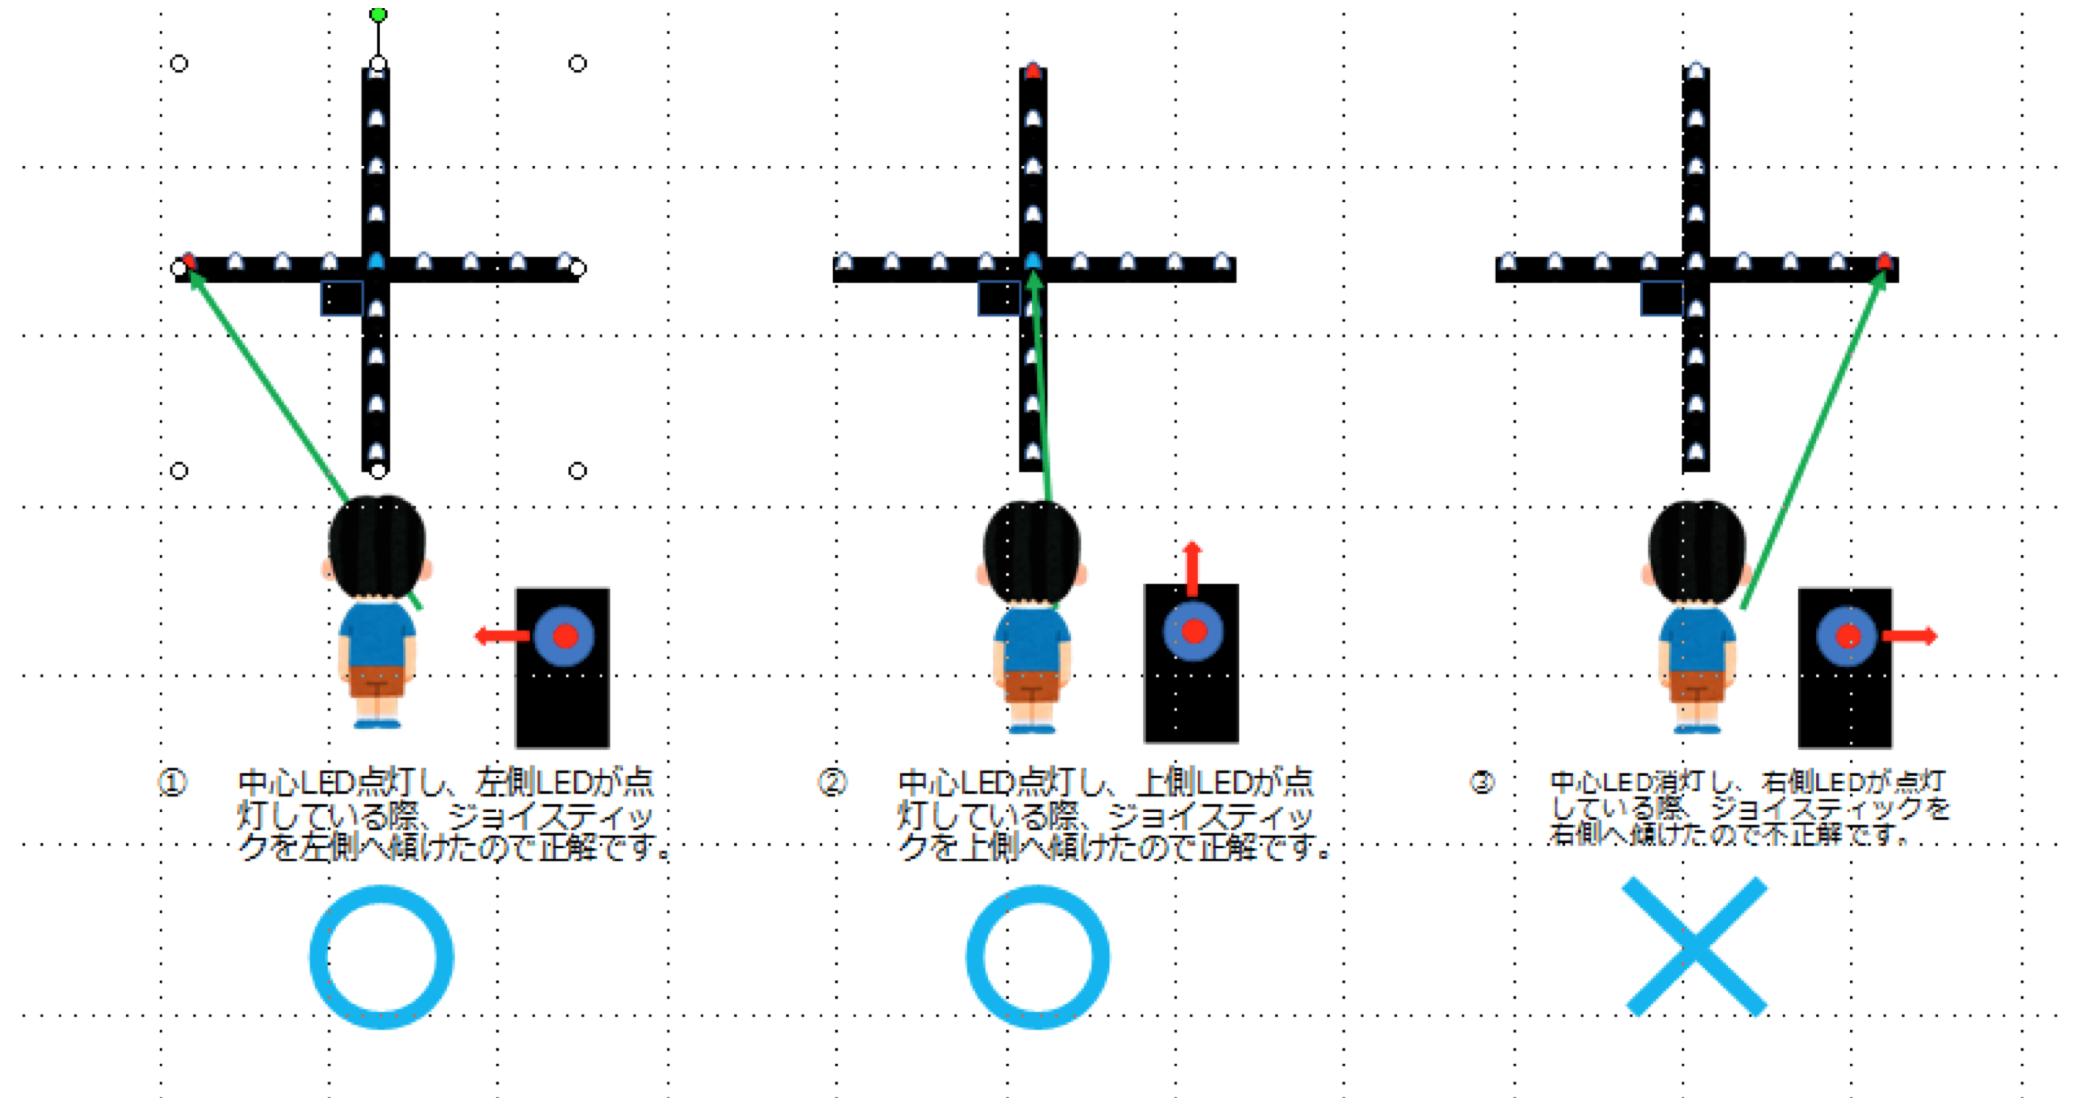 ゲーム感覚で視覚機能(動体視力・周辺視野など)と反射神経をトレーニング